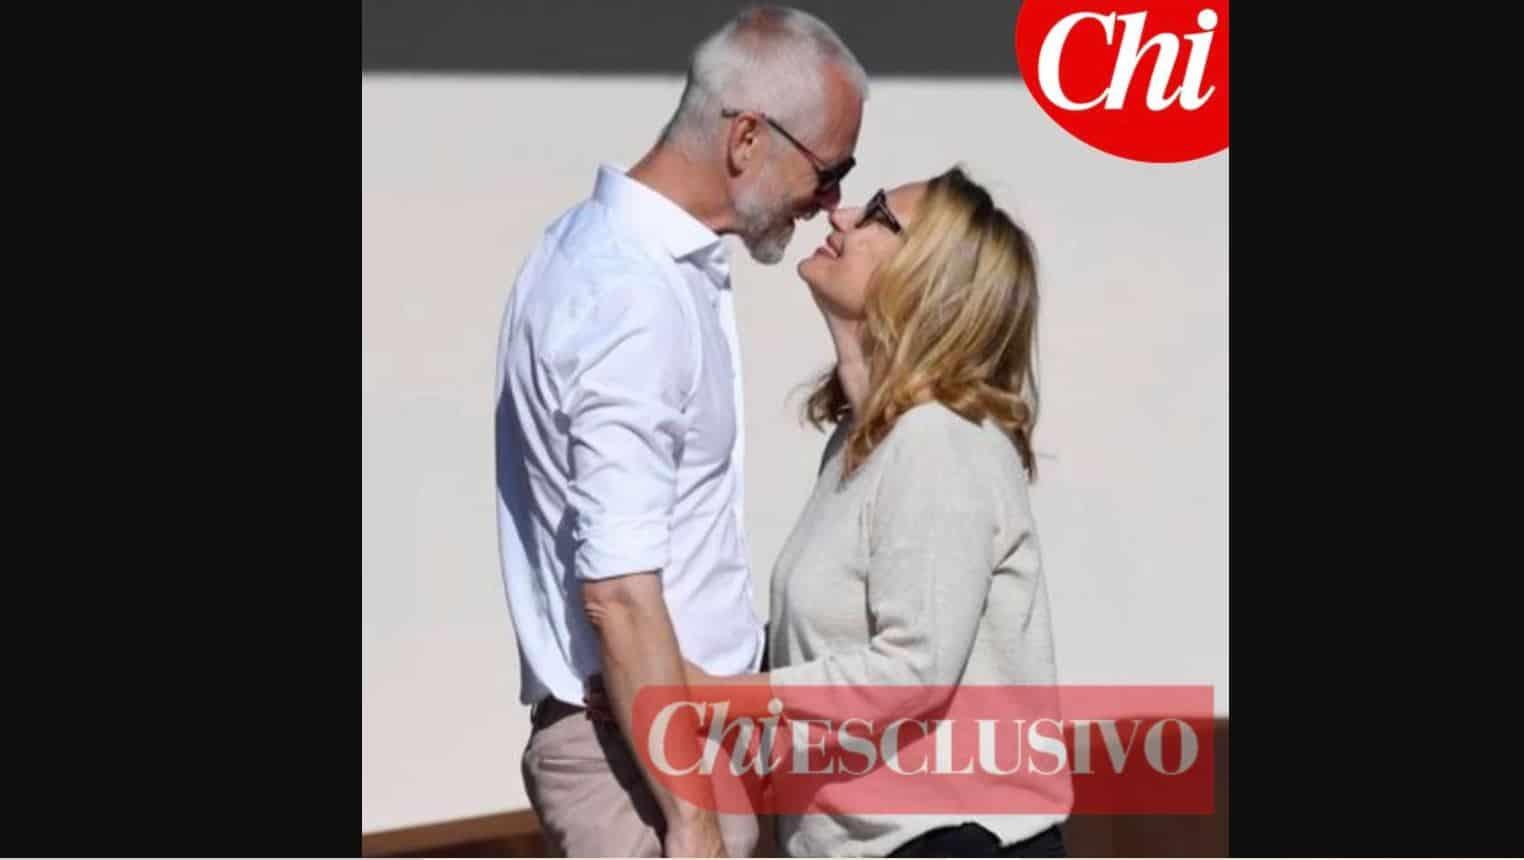 Nicoletta Mantovani innamorata: a settembre si sposa, le rivelazioni su Chi